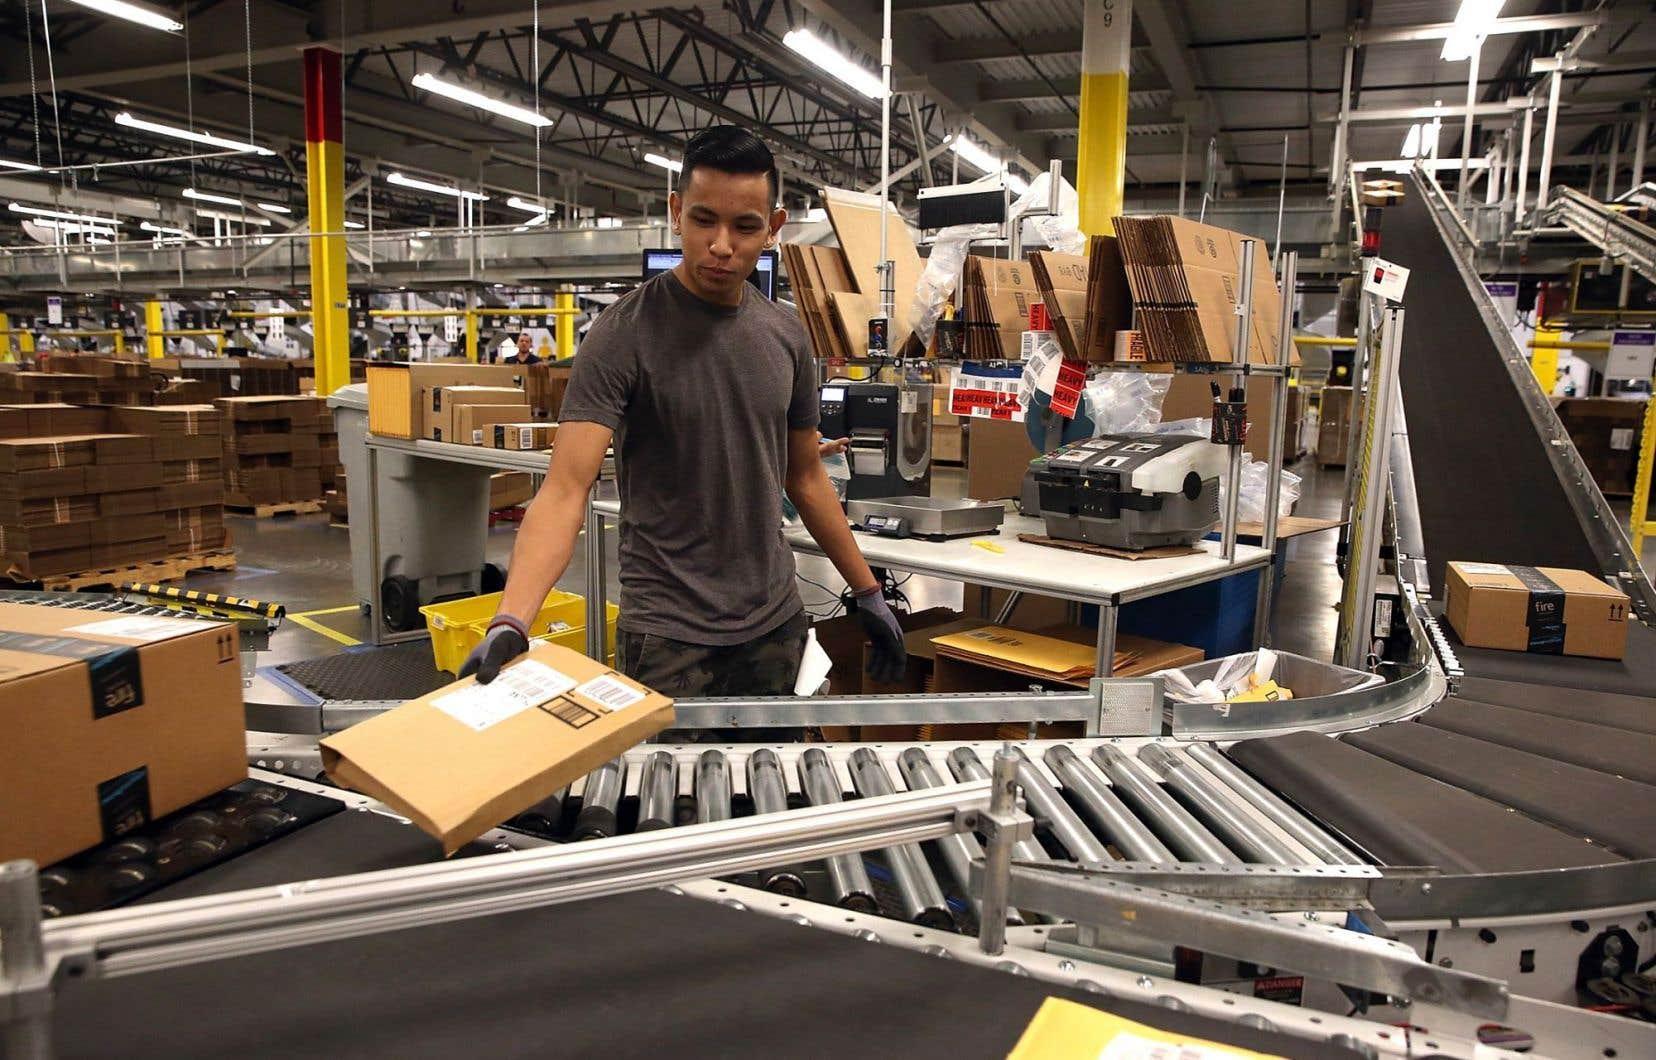 Fondé en 1994, Amazon, qui propose également un service de livraison de contenu en continu dans 200 pays, compte aujourd'hui 180 000 salariés aux États-Unis.